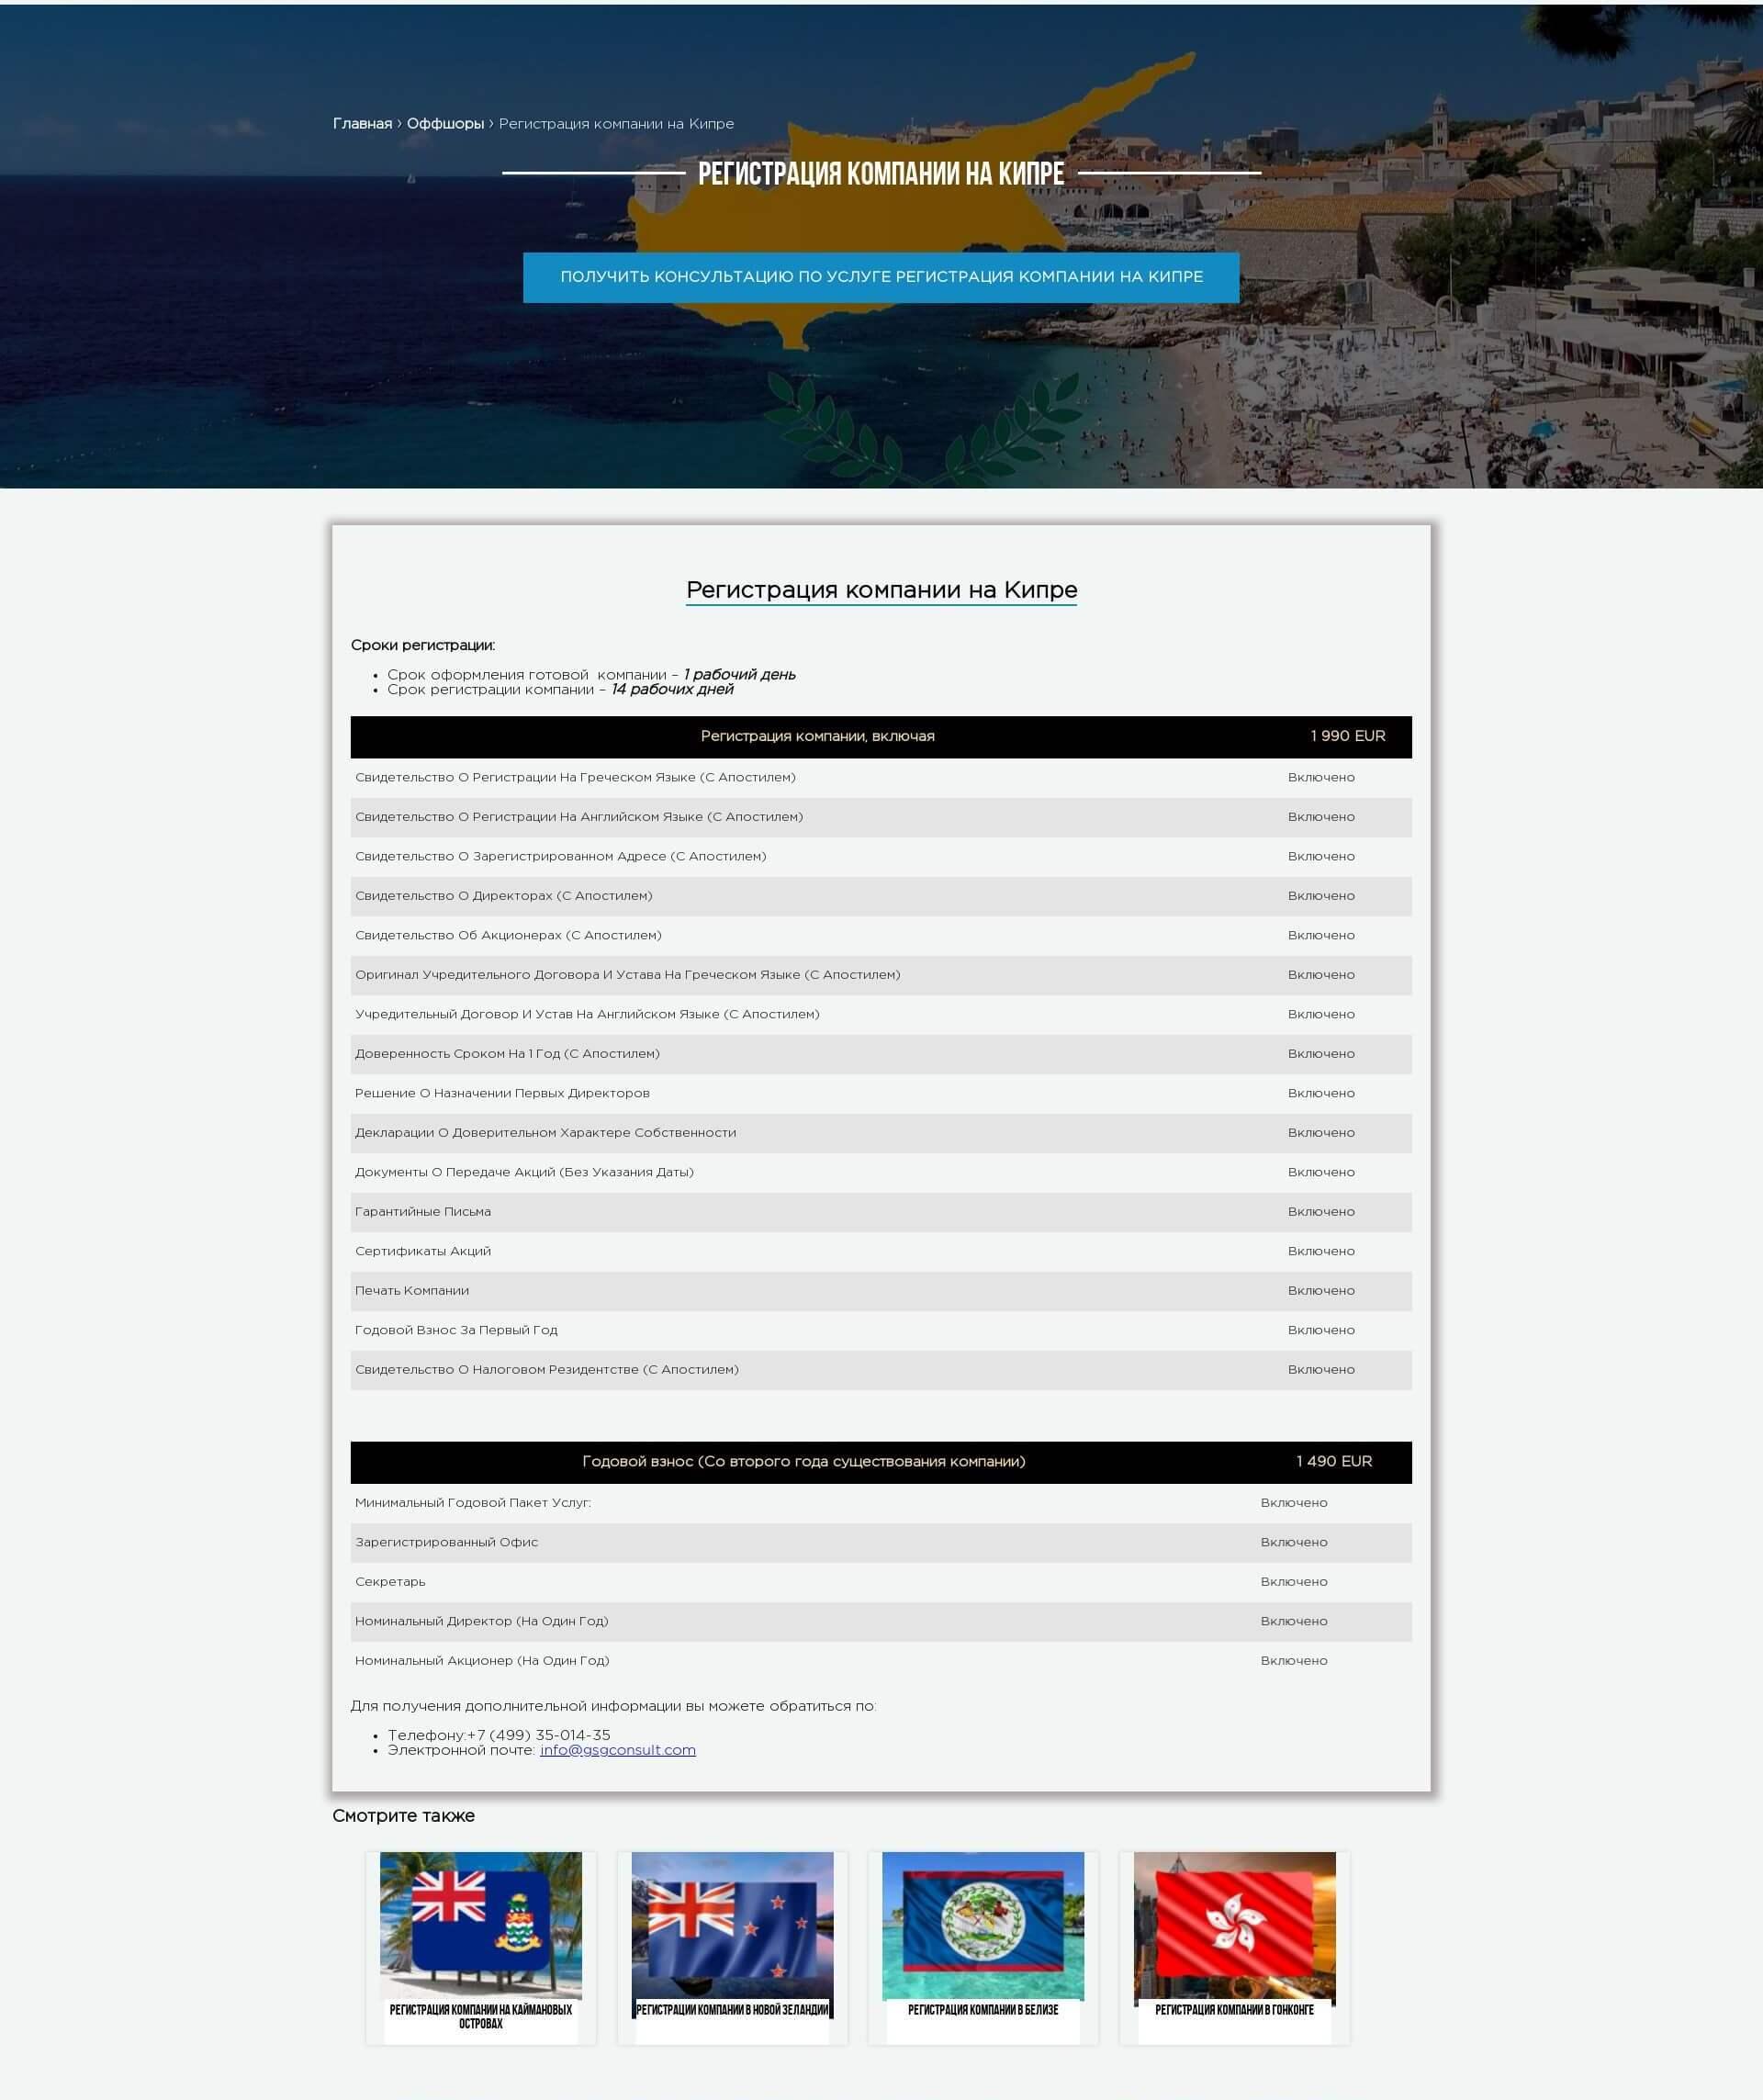 Скриншот №3 страницы сайта во весь экран. Сайт для регистрации оффшорных компаний